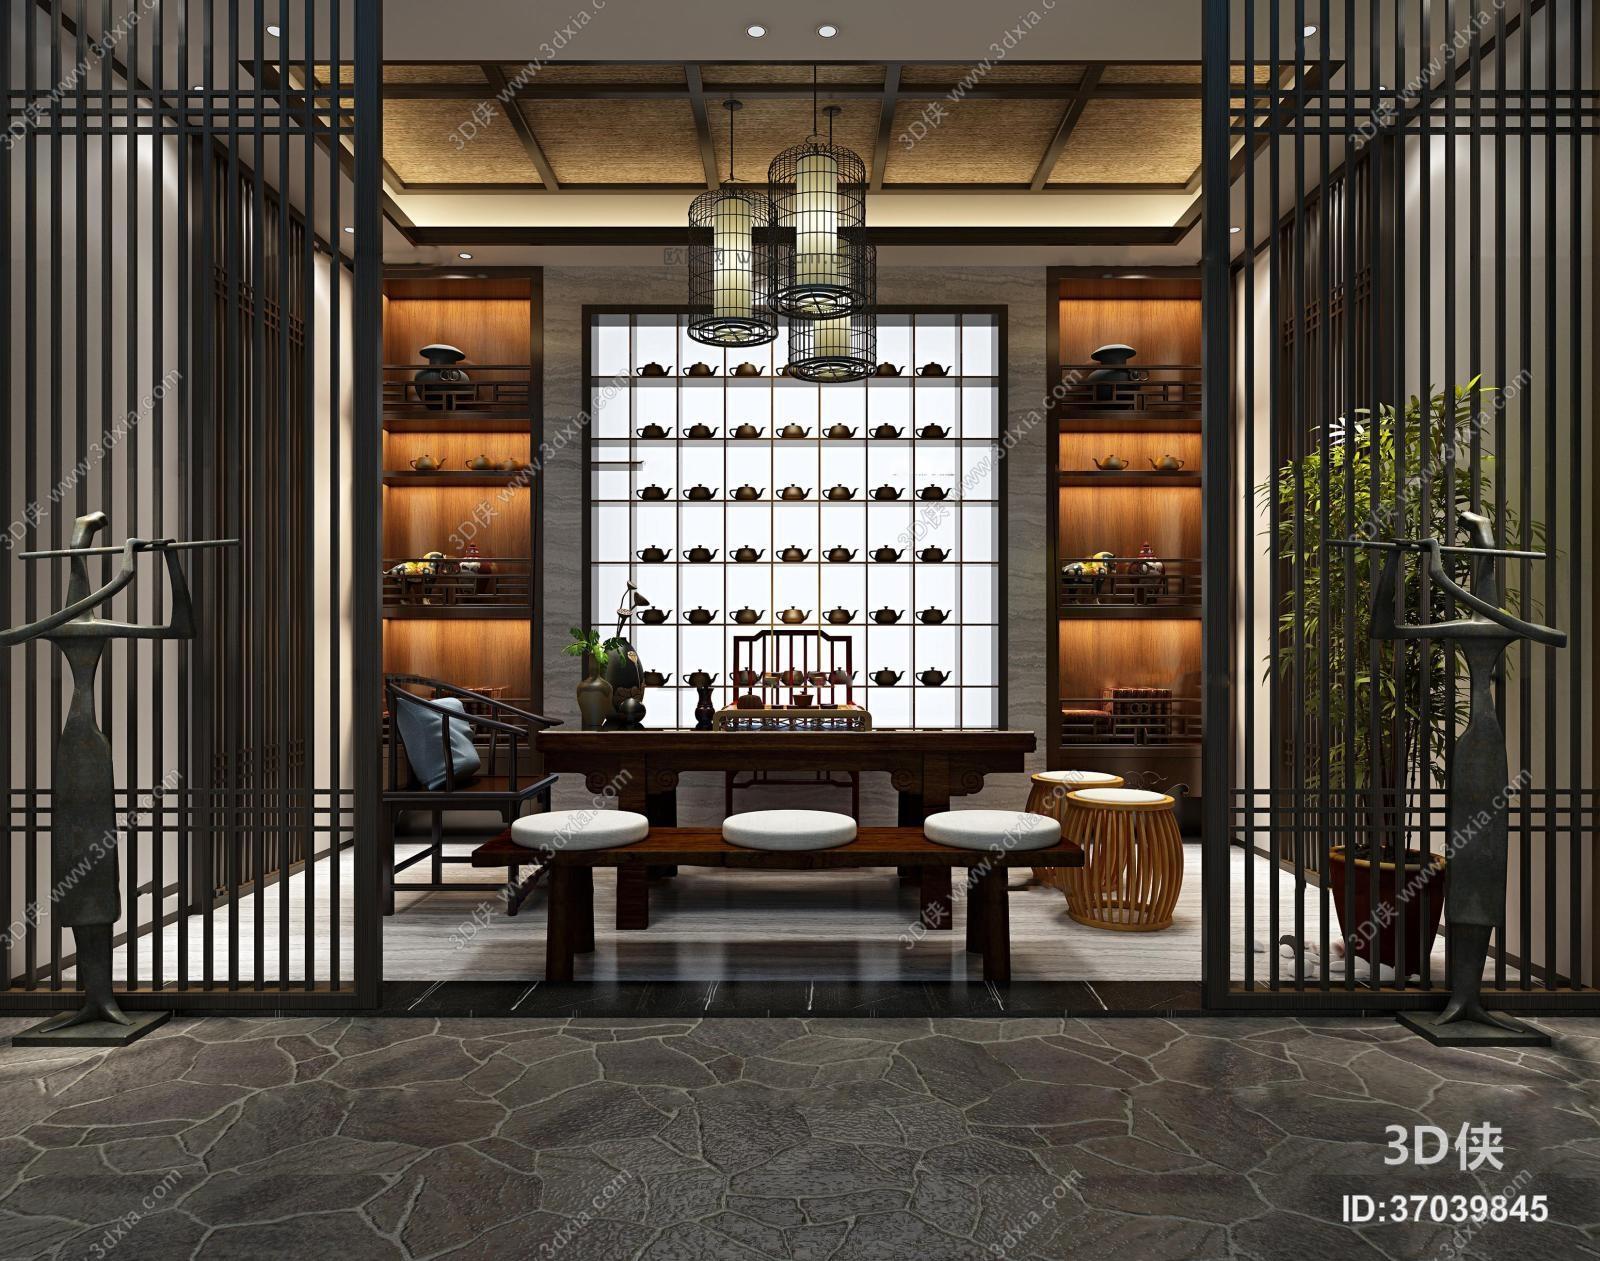 其它综合效果图素材免费下载,本作品主题是中式茶室3d模型,编号是3703